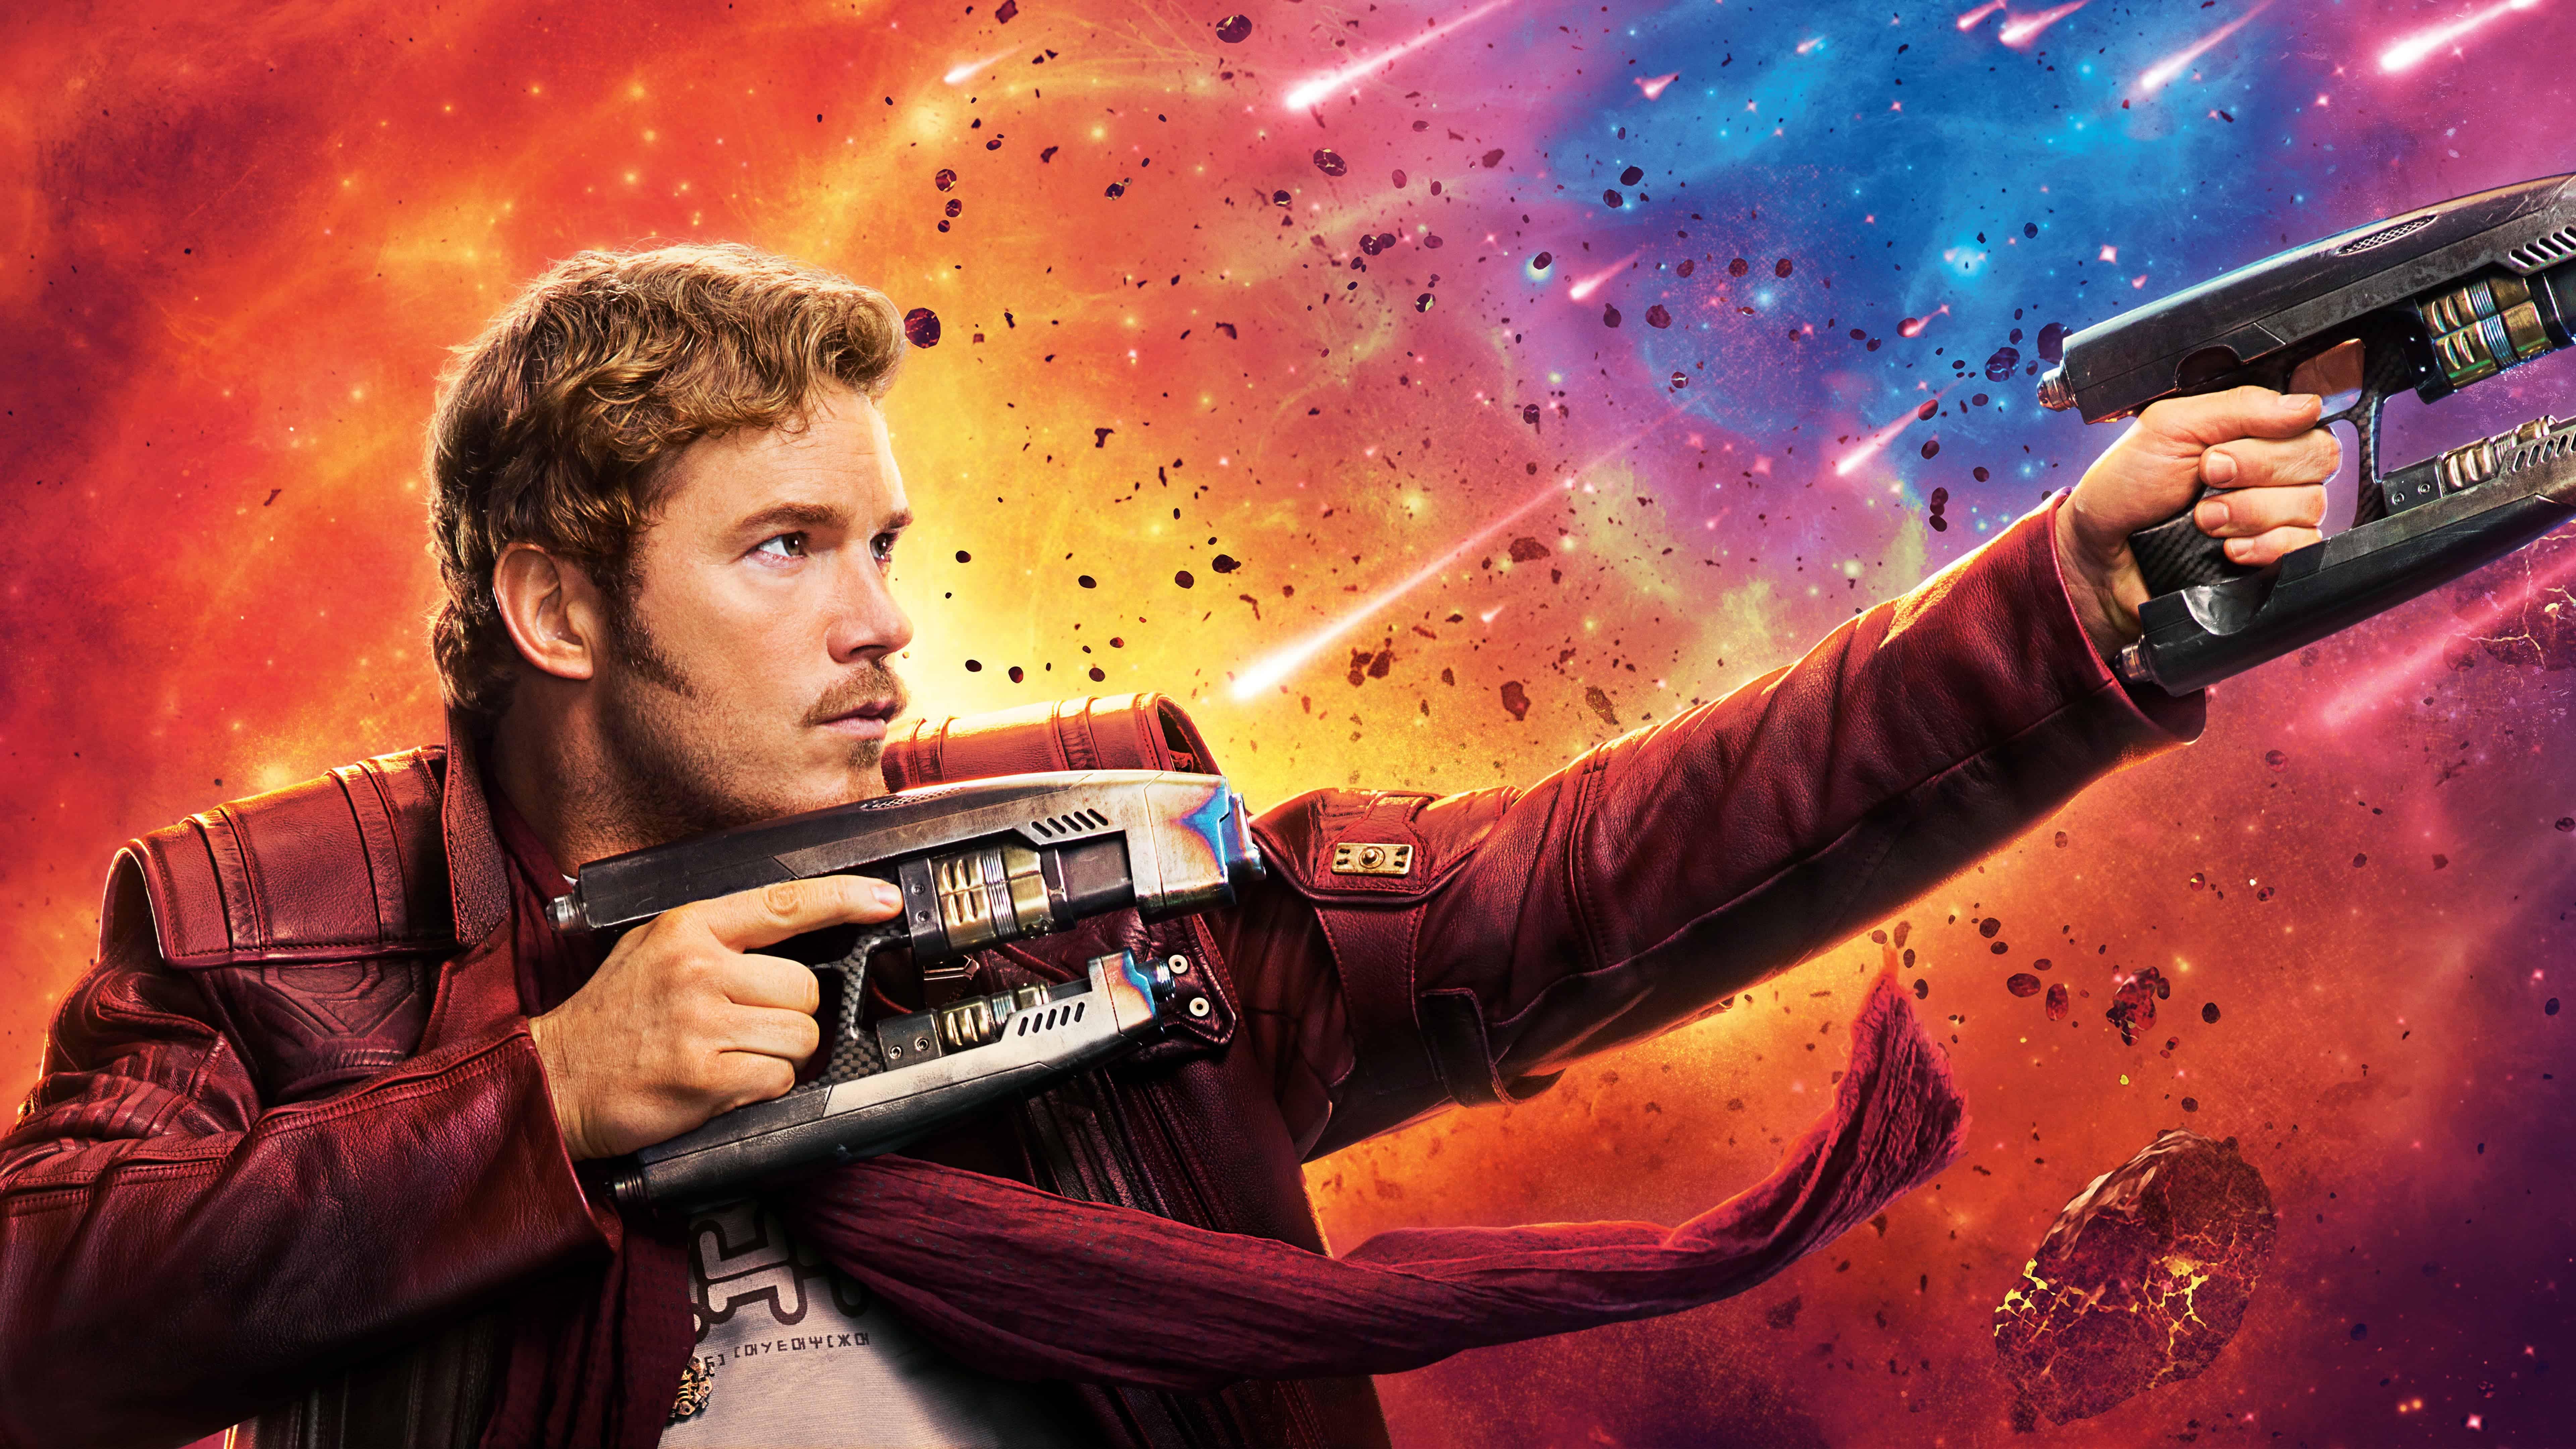 Guardians Of The Galaxy Vol 2 Star Lord Chris Pratt UHD 8K 7680x4320